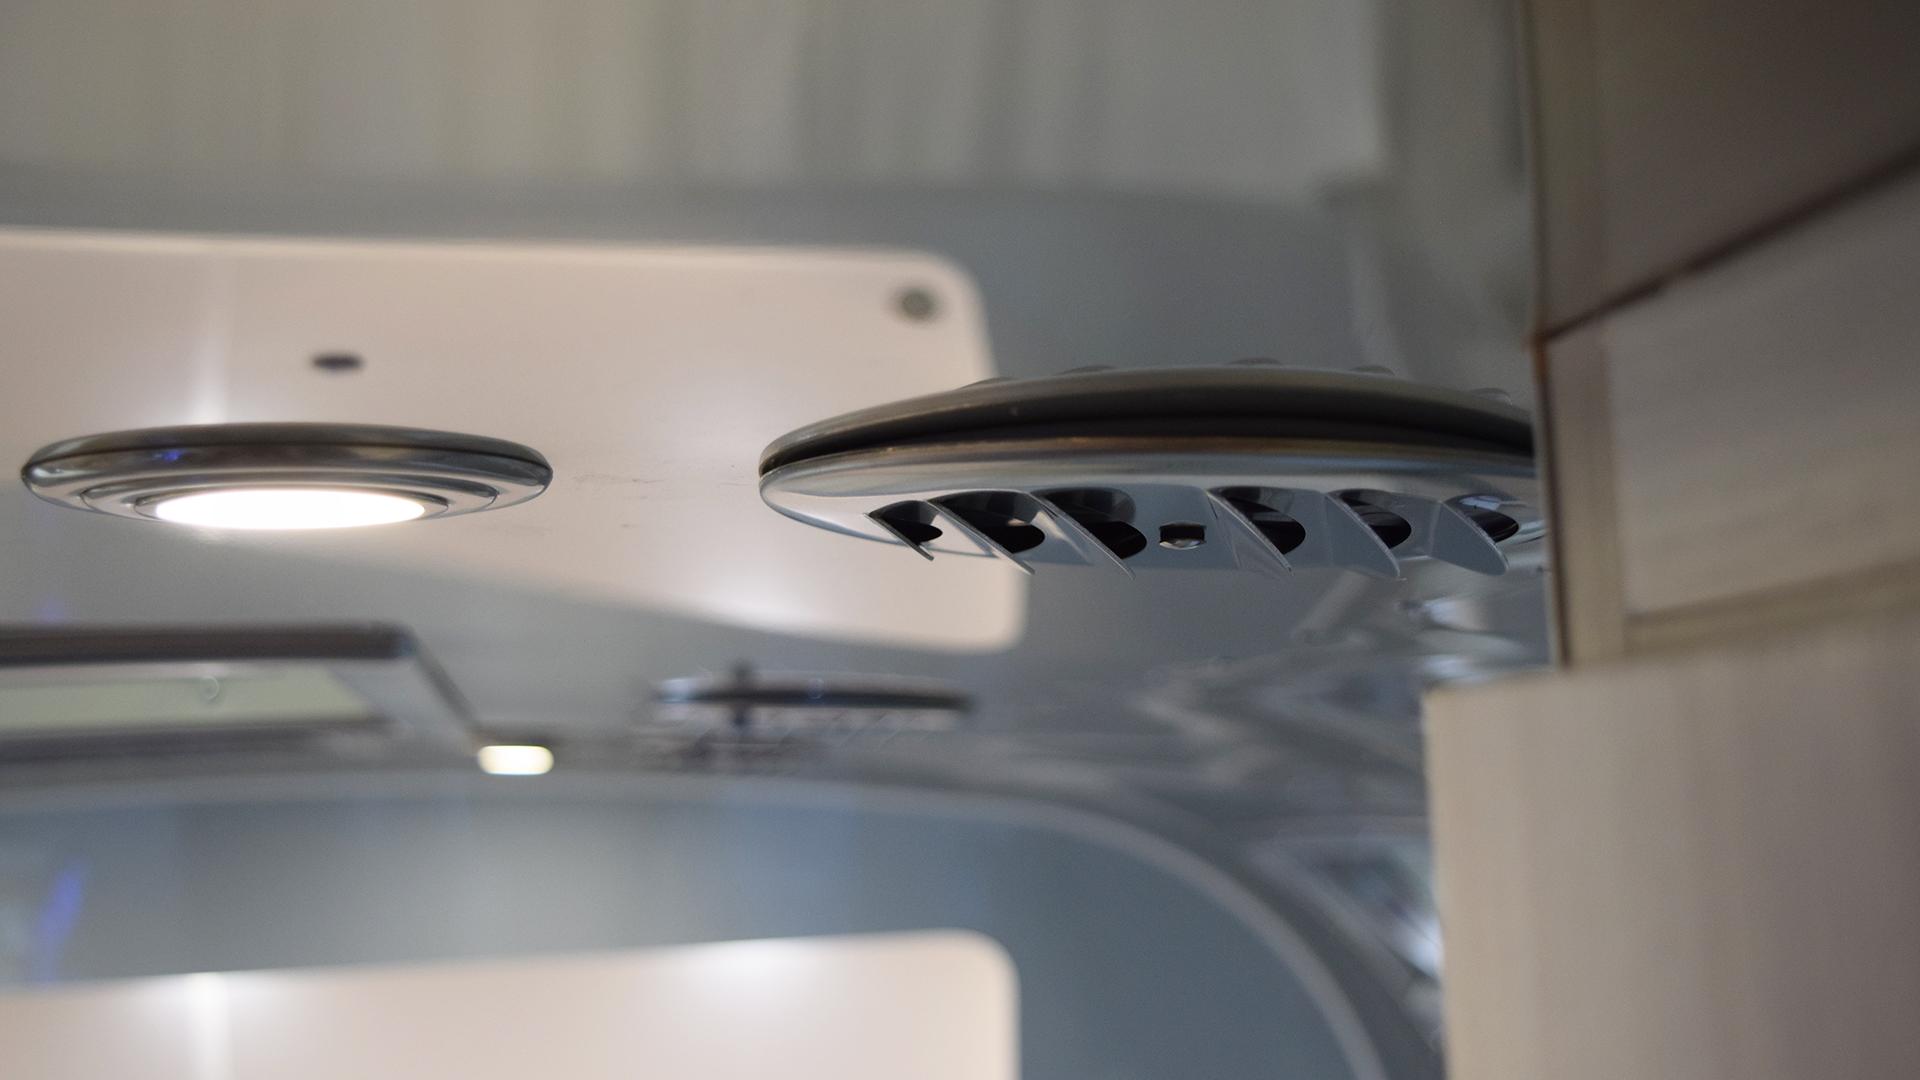 Airstream-Quietstream-Supply-Vent-Low-Profile-Duct